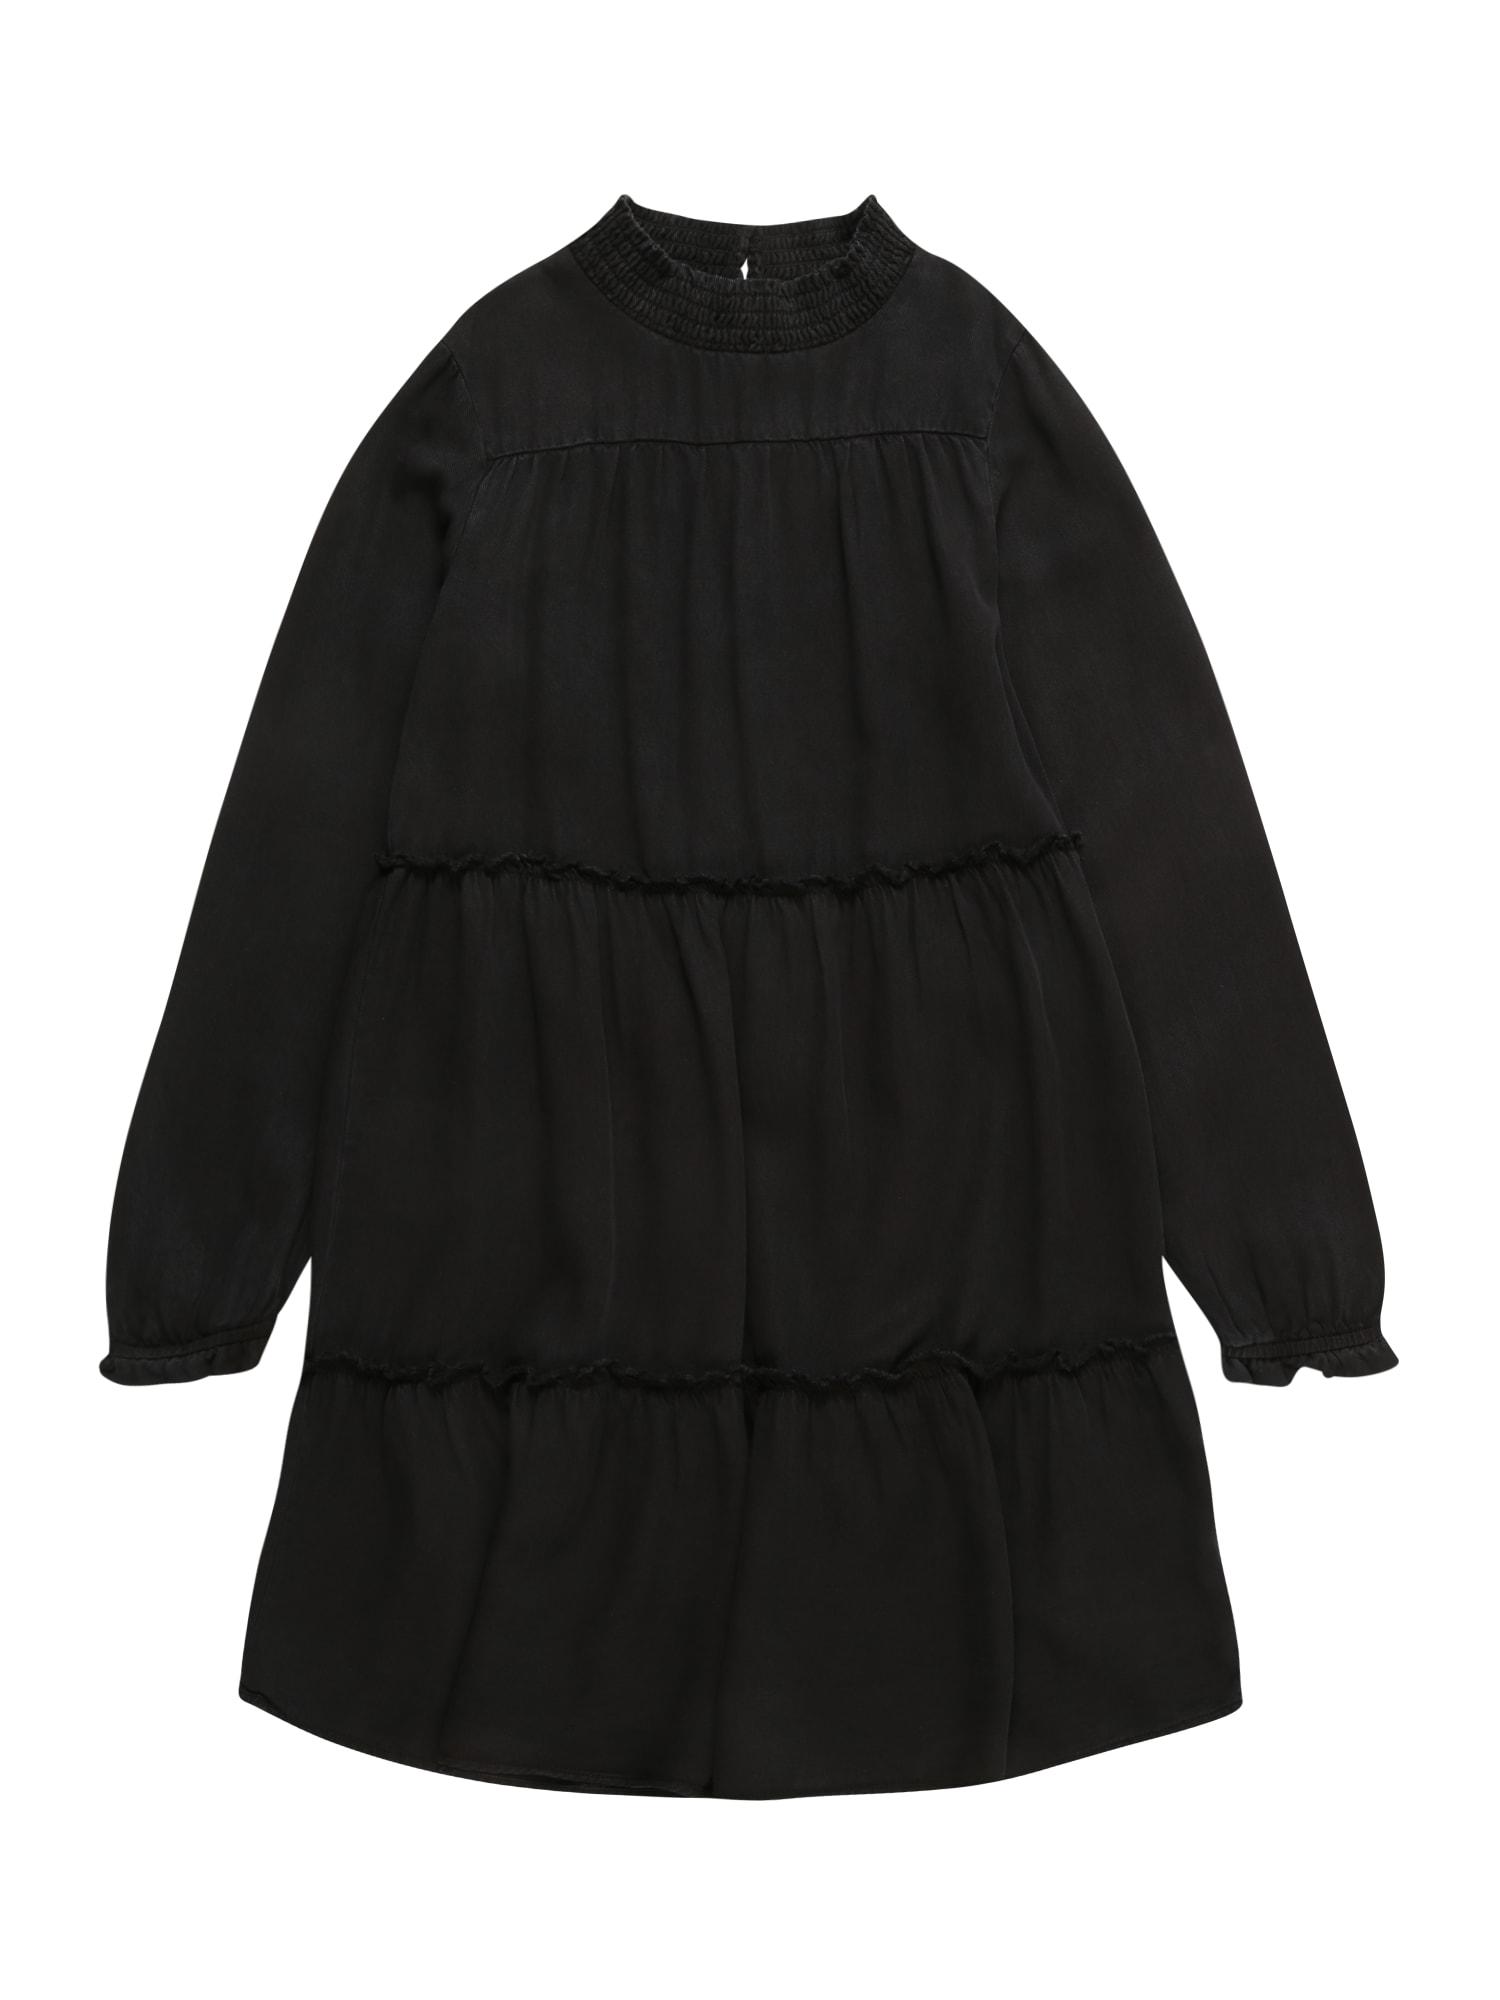 NAME IT Suknelė 'Batily' margai juoda